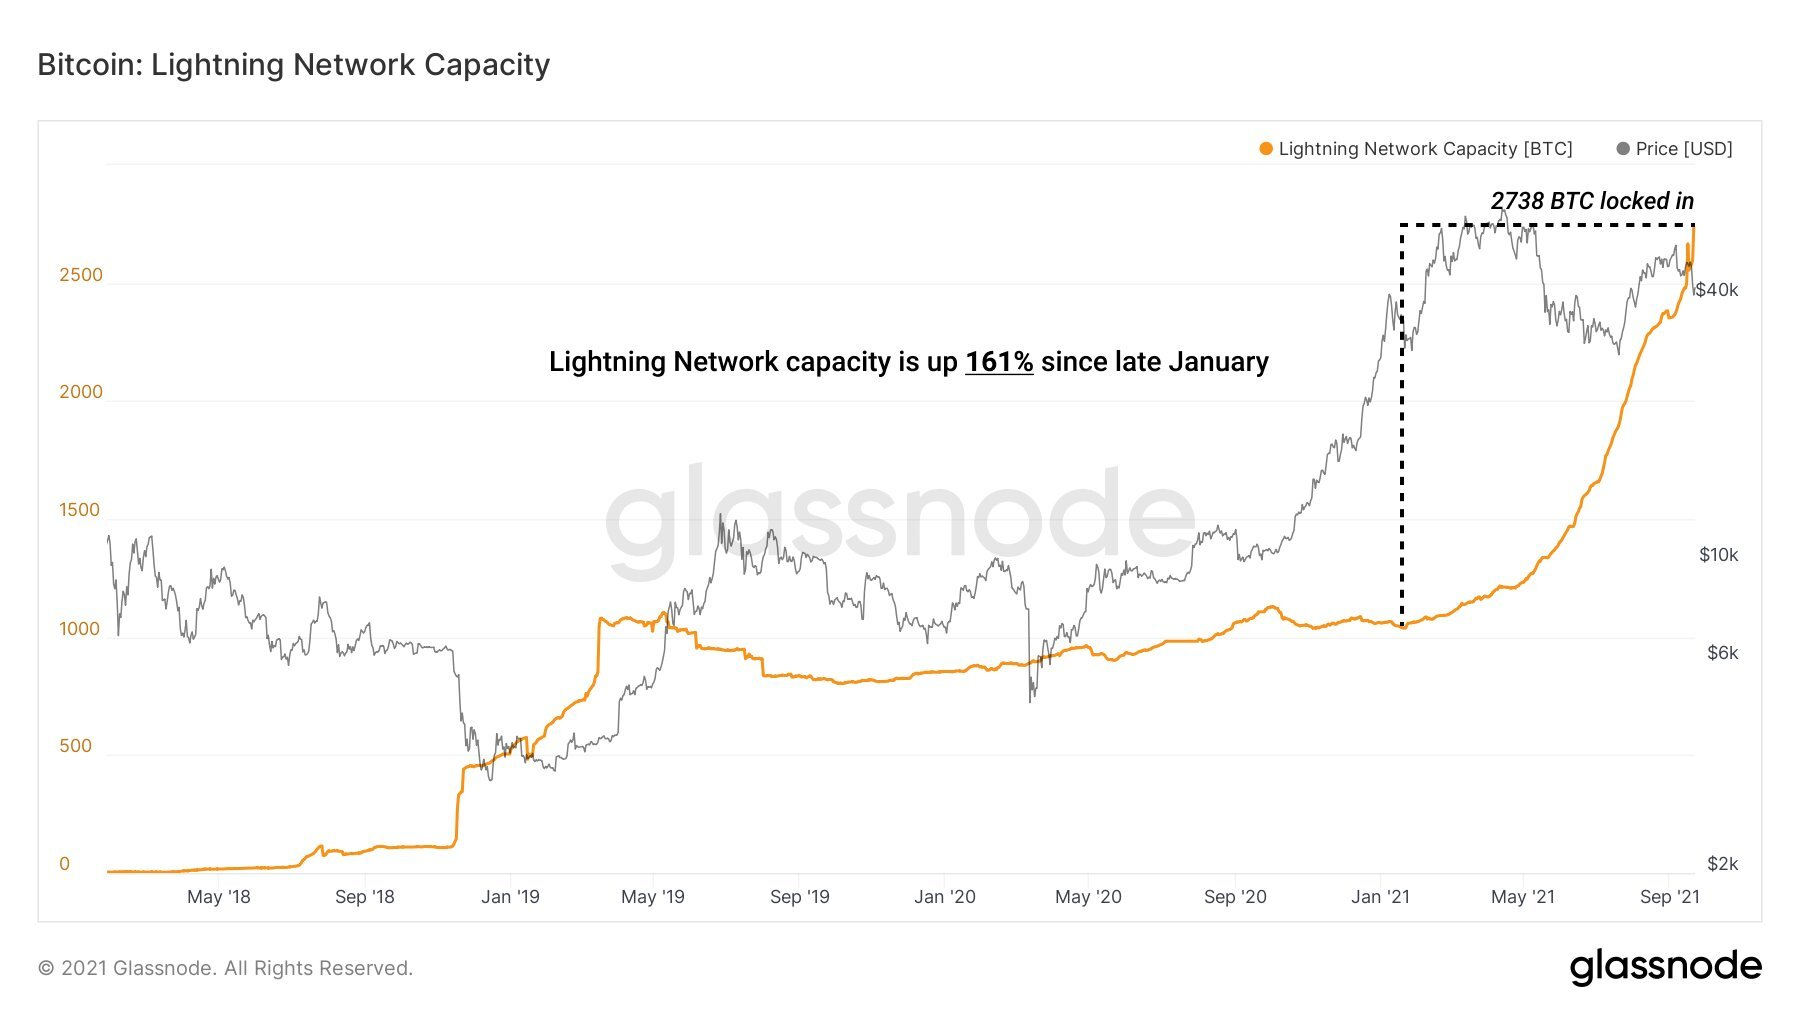 Wzrost pojemności Lightning Network